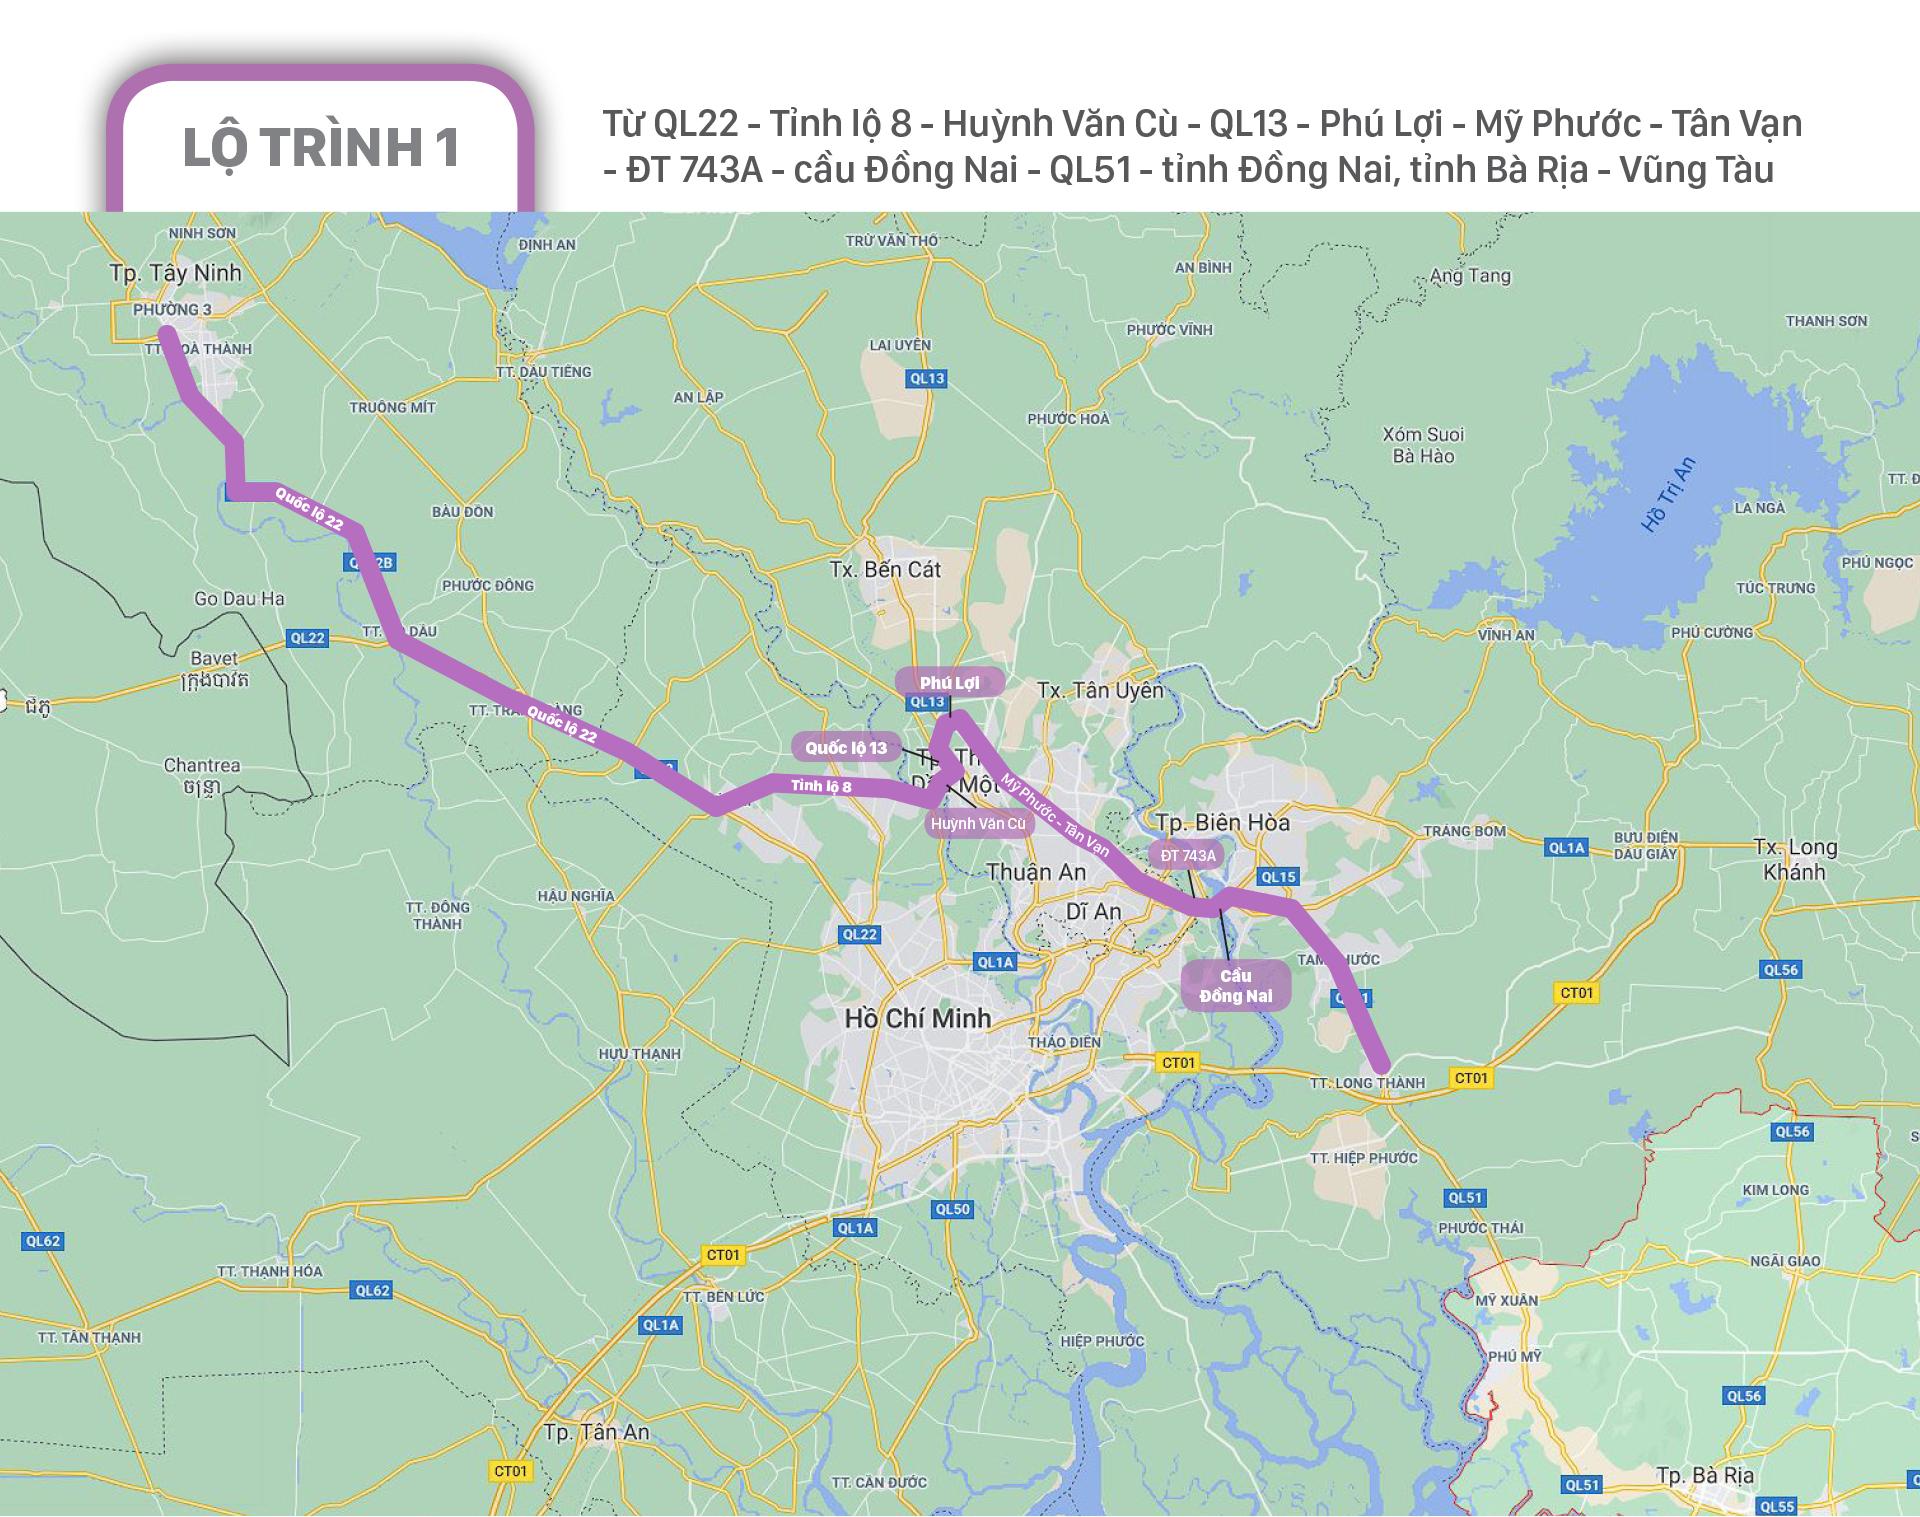 Phân luồng giao thông các phương tiện lưu thông quá cảnh TPHCM ảnh 13